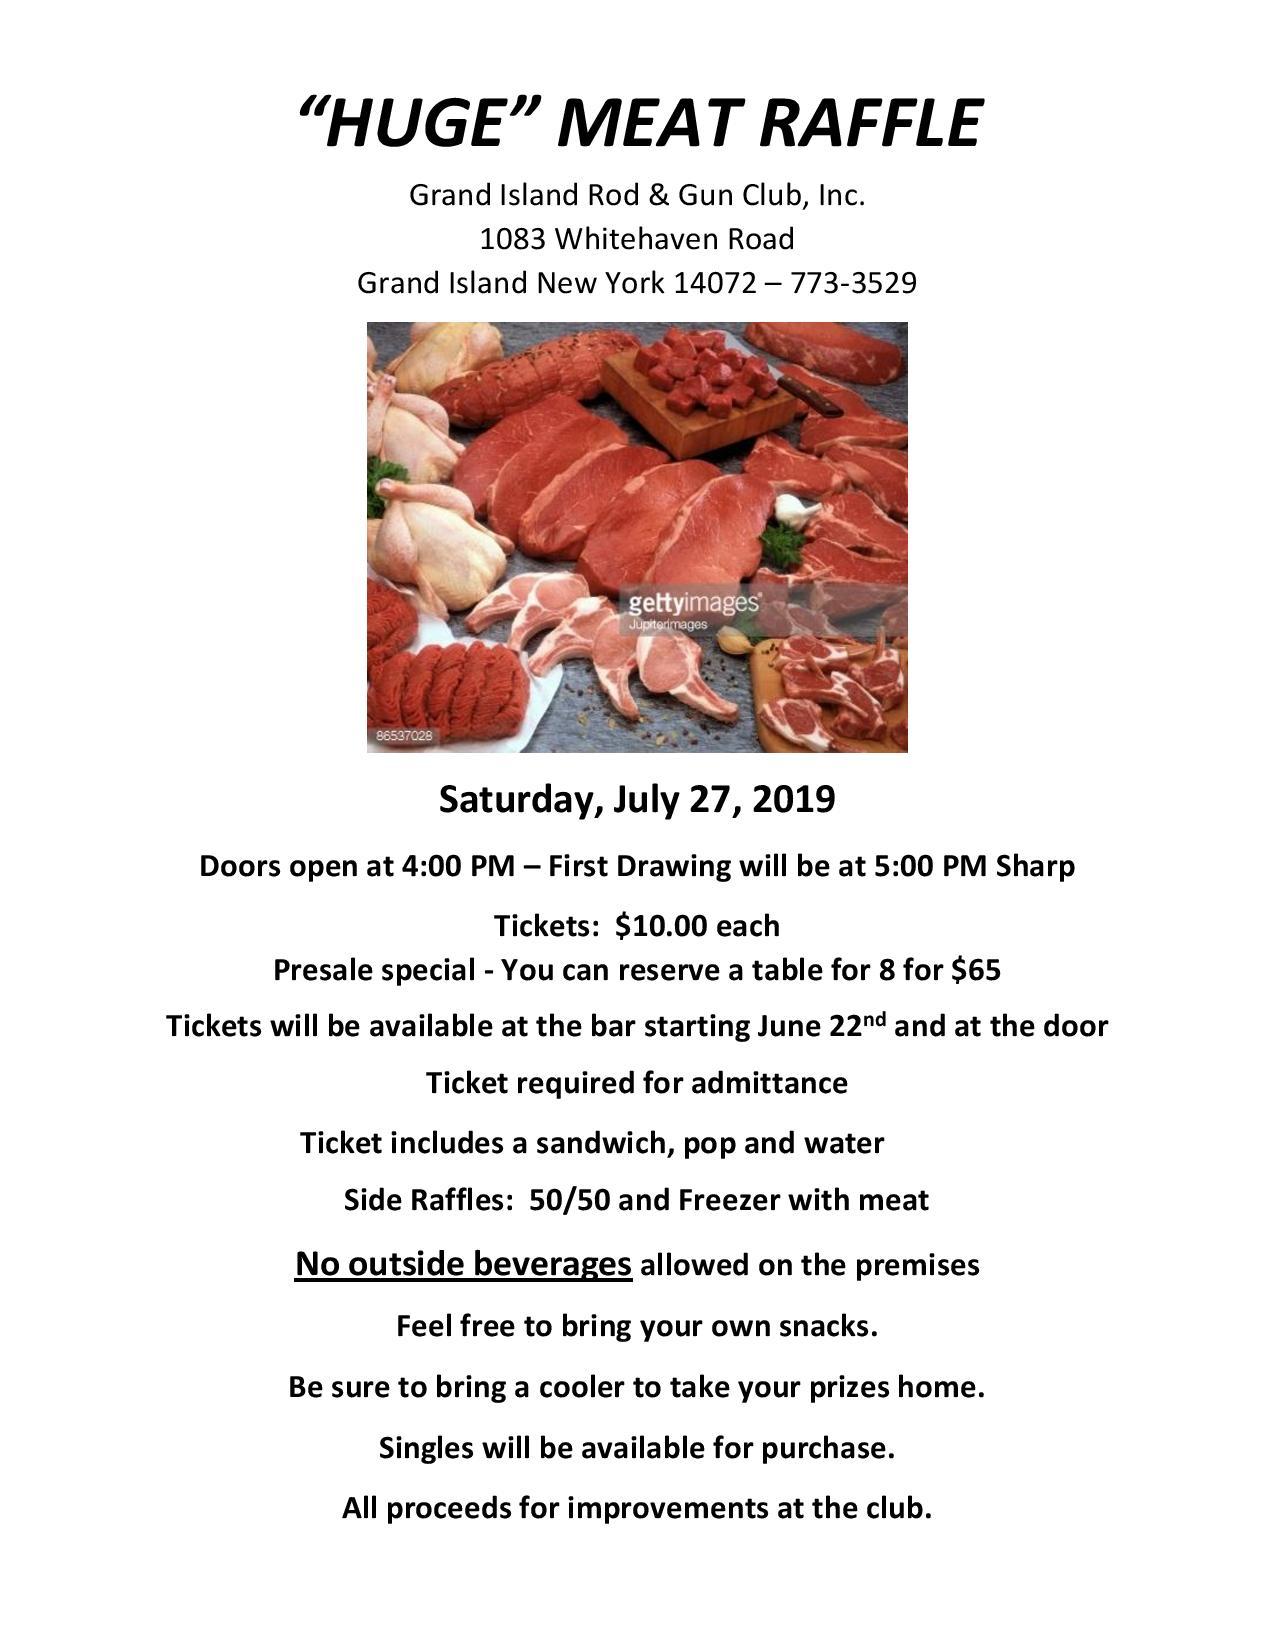 Grand Island Rod & Gun Club Meat Raffle — WNYMeatRaffles